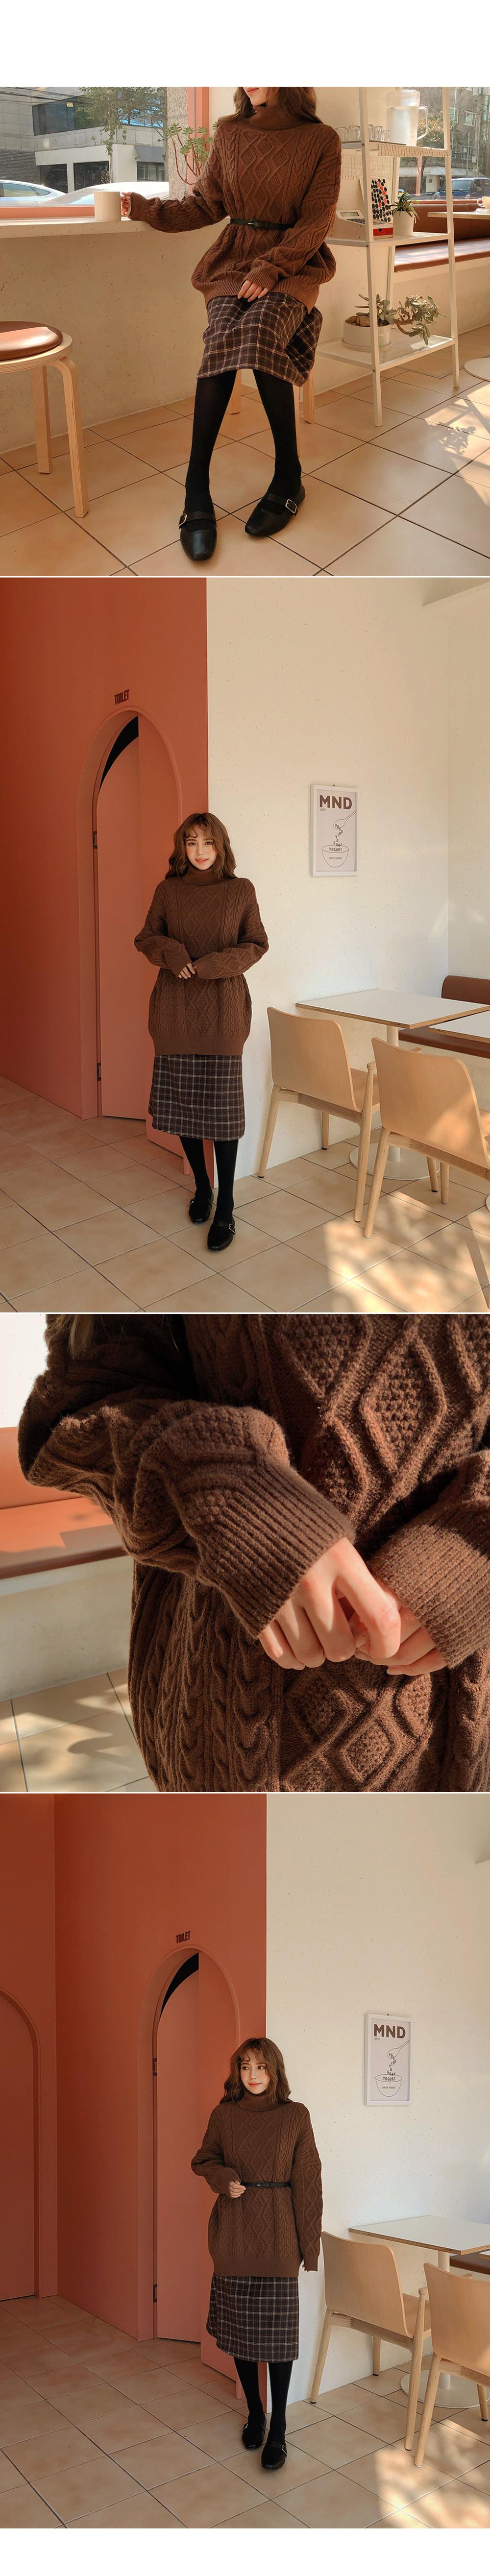 Soft knit